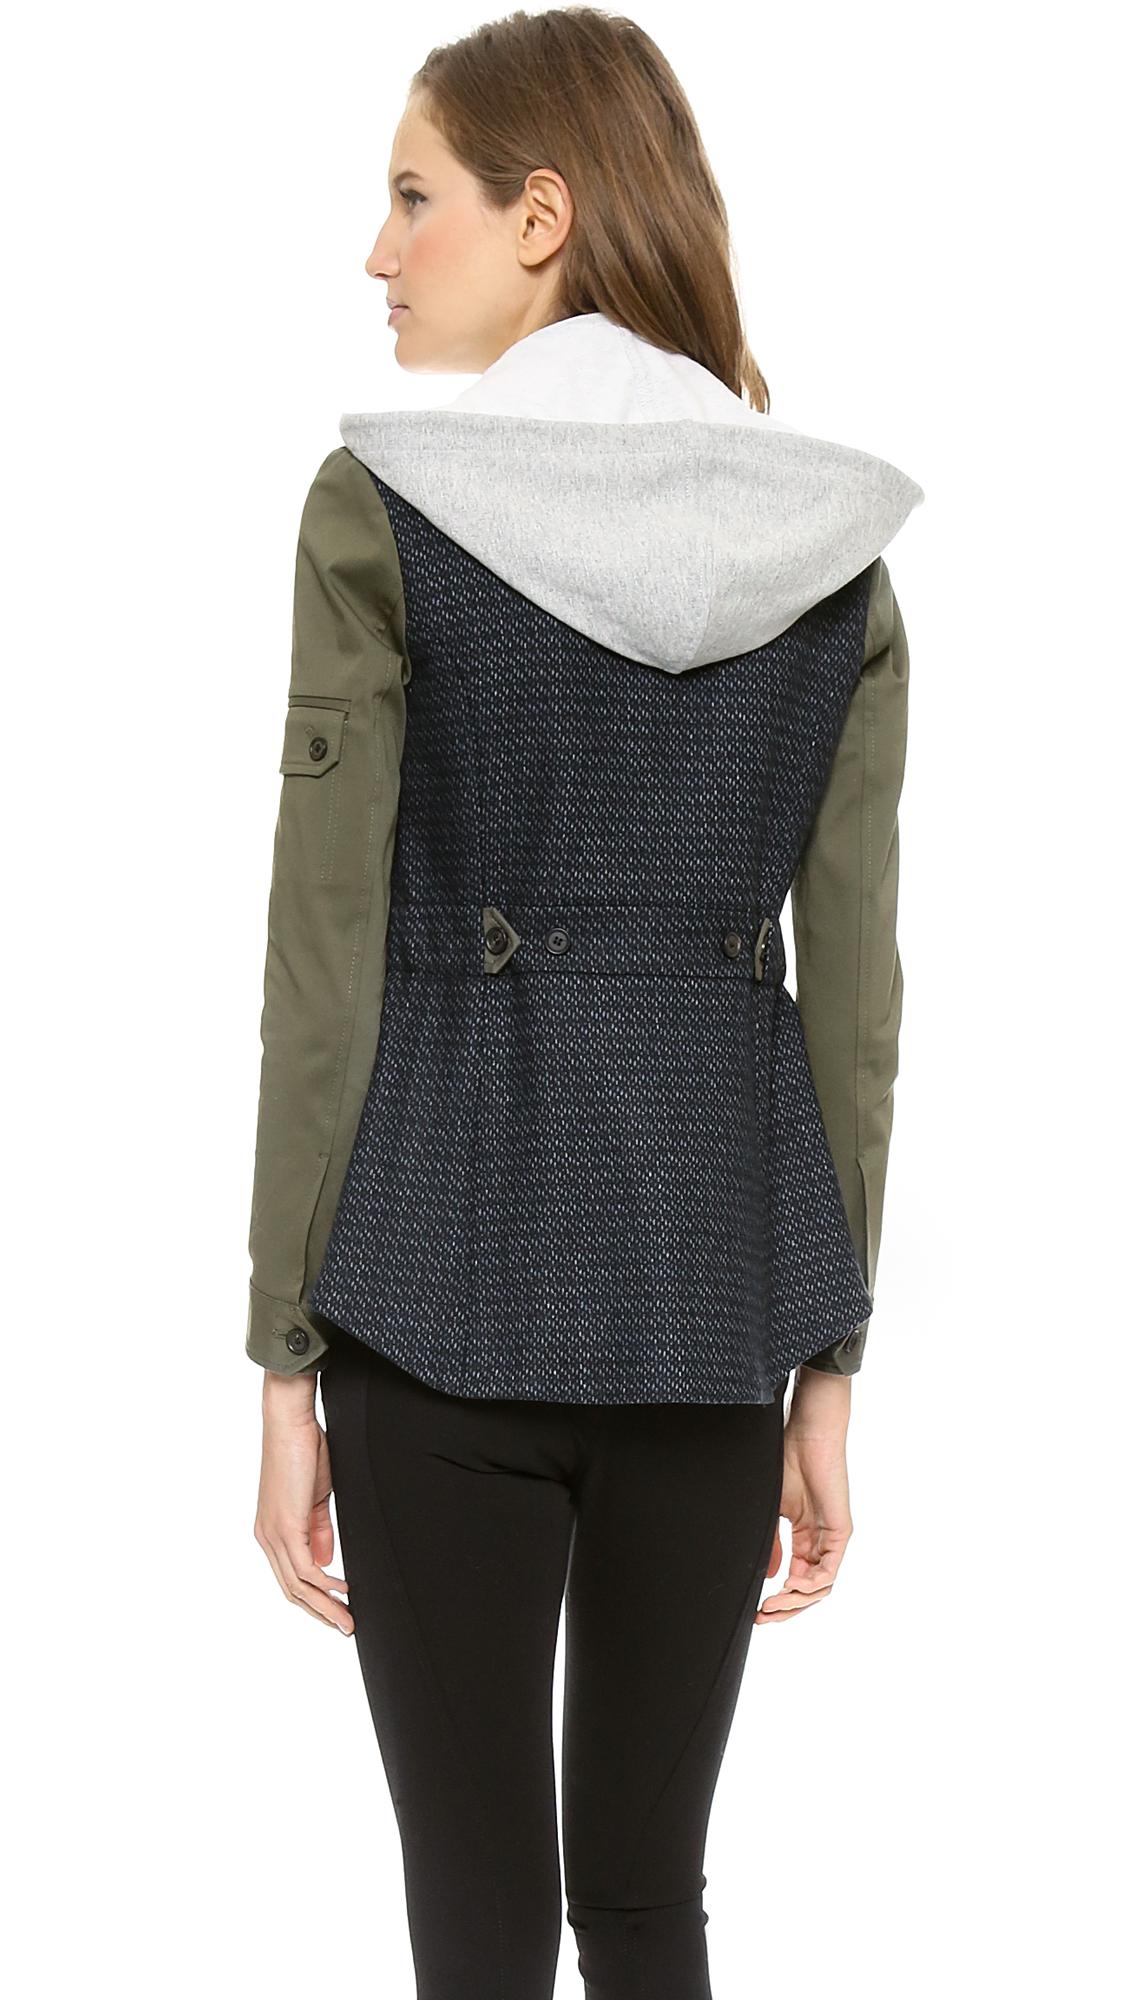 Veronica Beard Tweed Army Sleeve Jacket with Hoodie Dickey ...